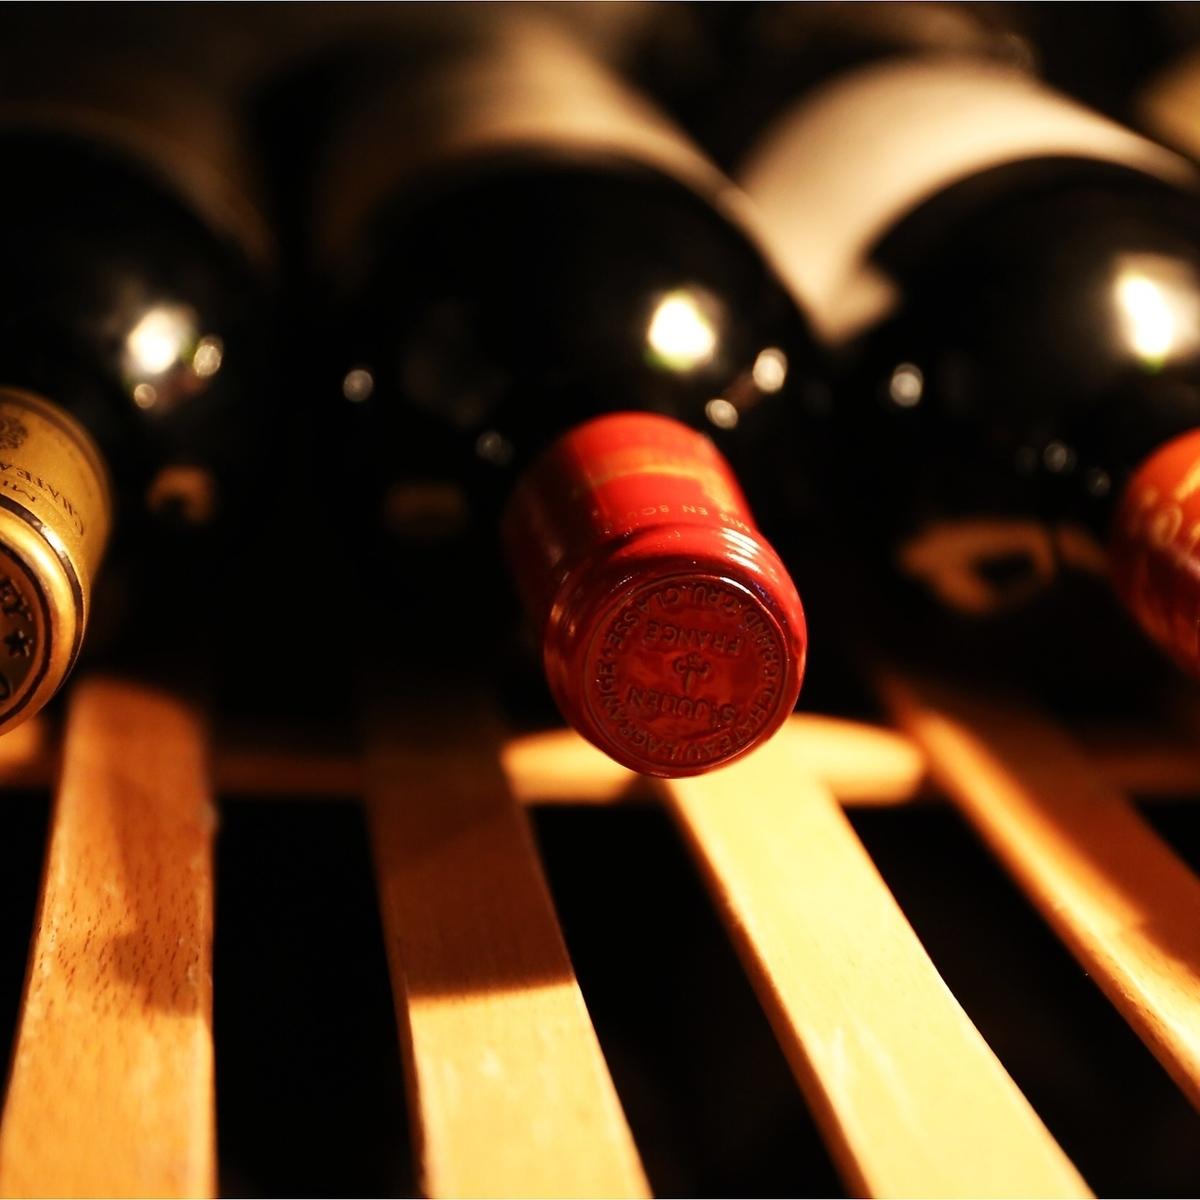 各種スペイン産ワイン